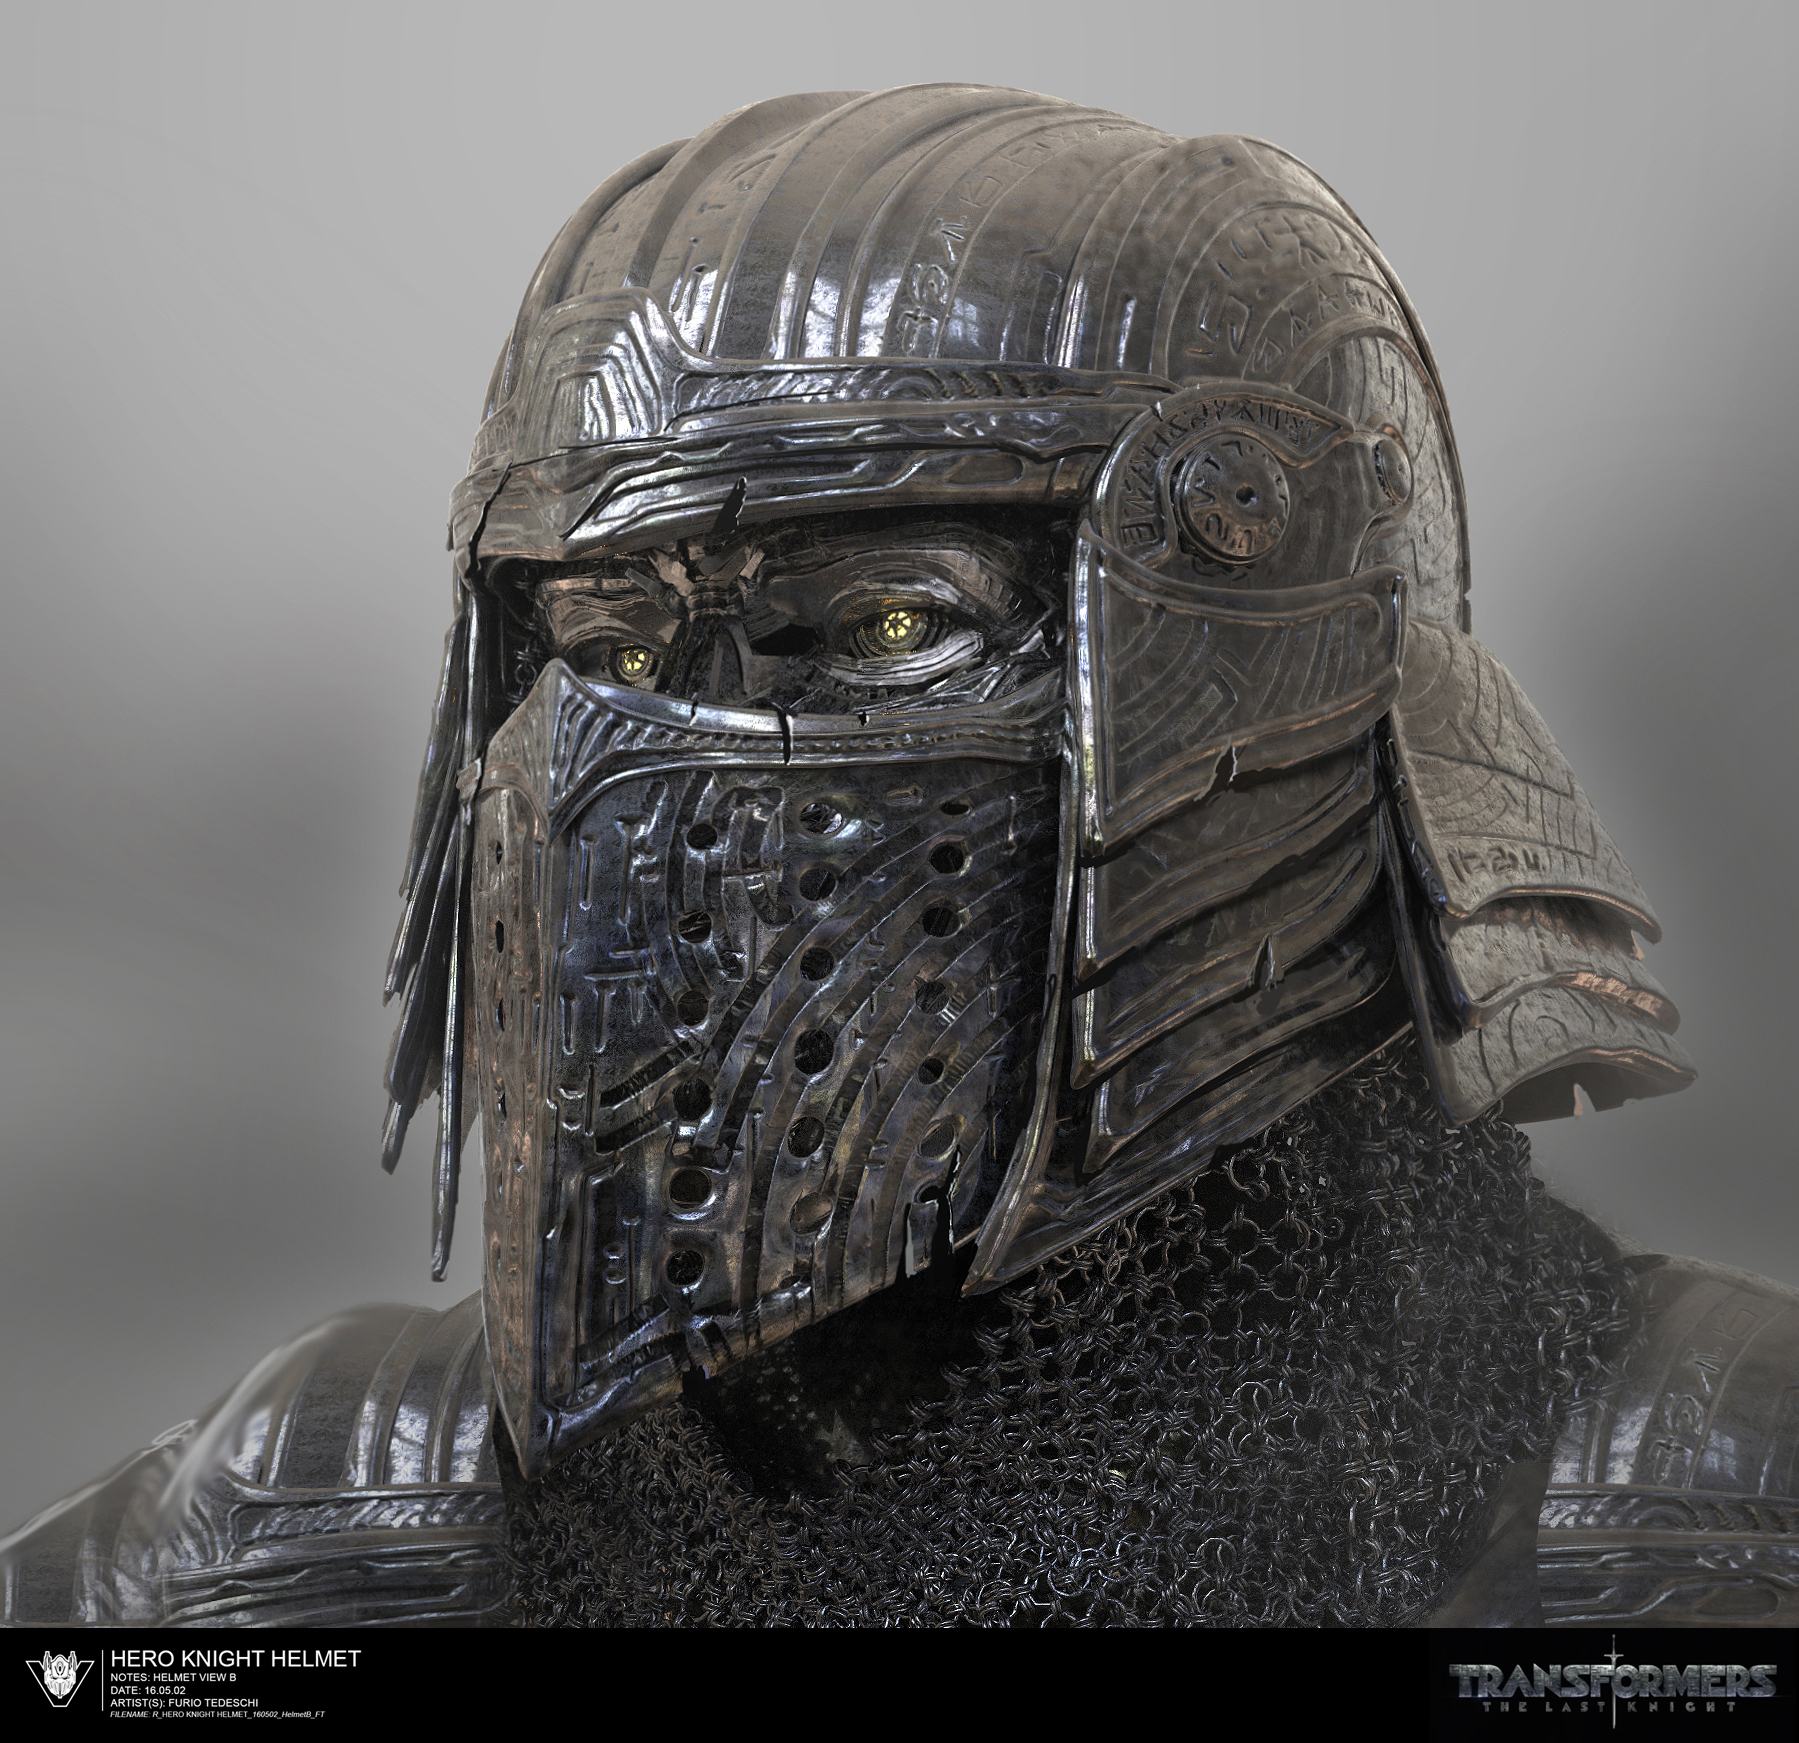 R_HERO KNIGHT HELMET_160502_HelmetB_FT.jpg